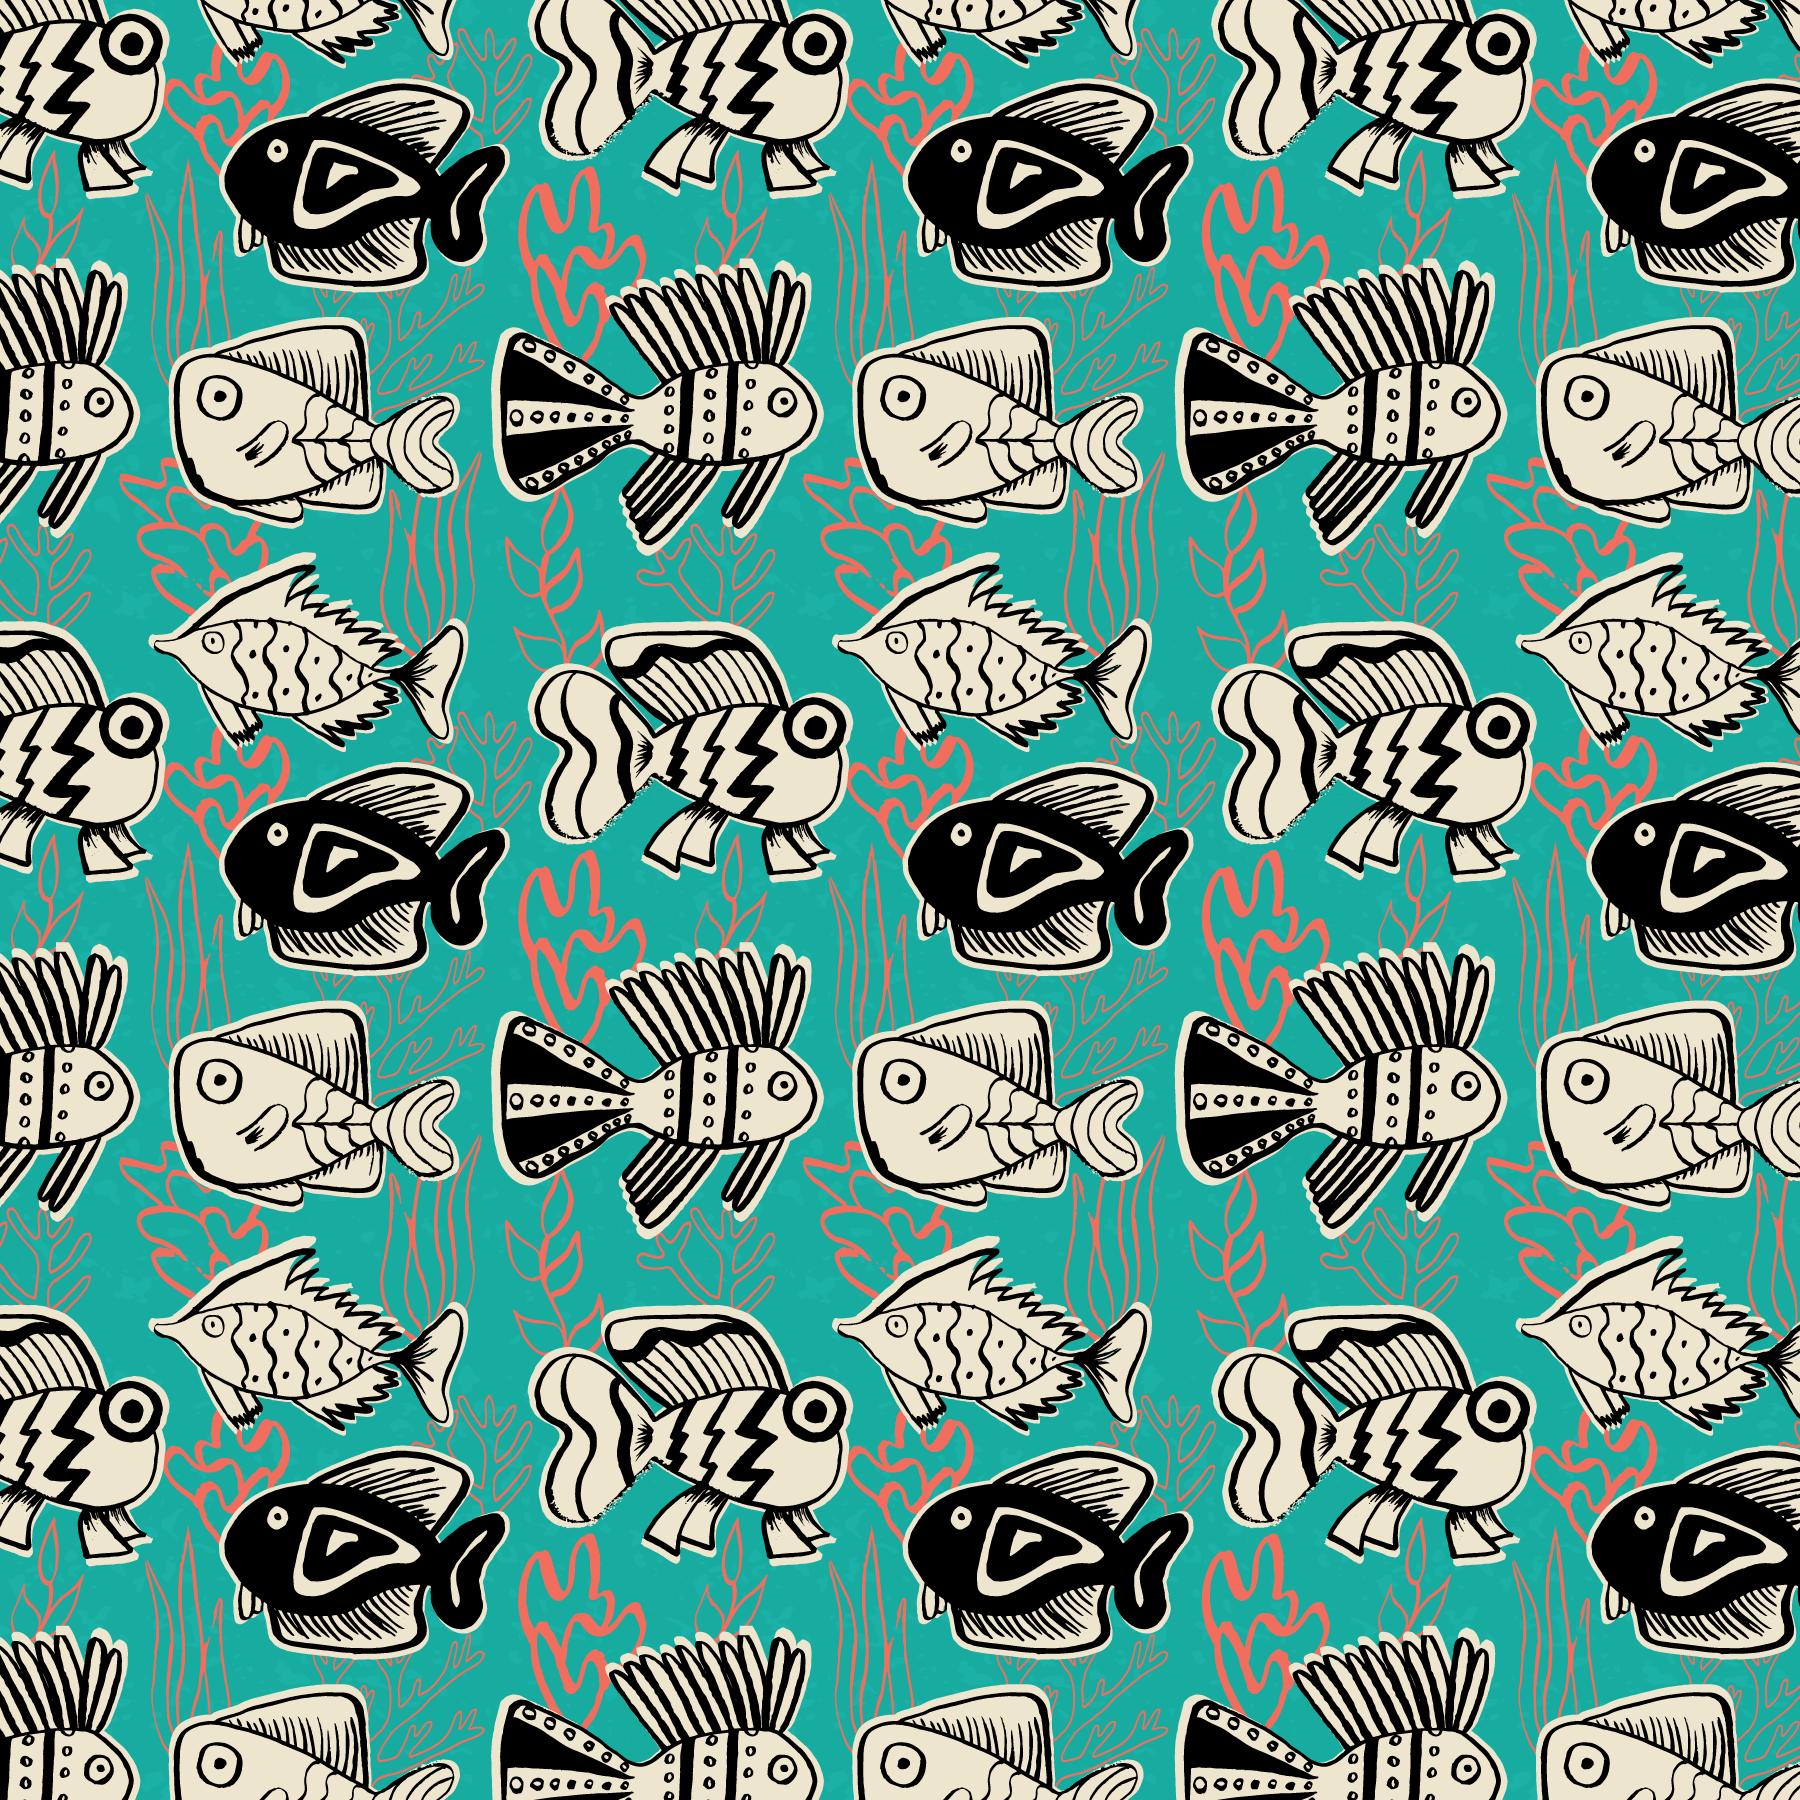 FunkyFishWebsite-01.png